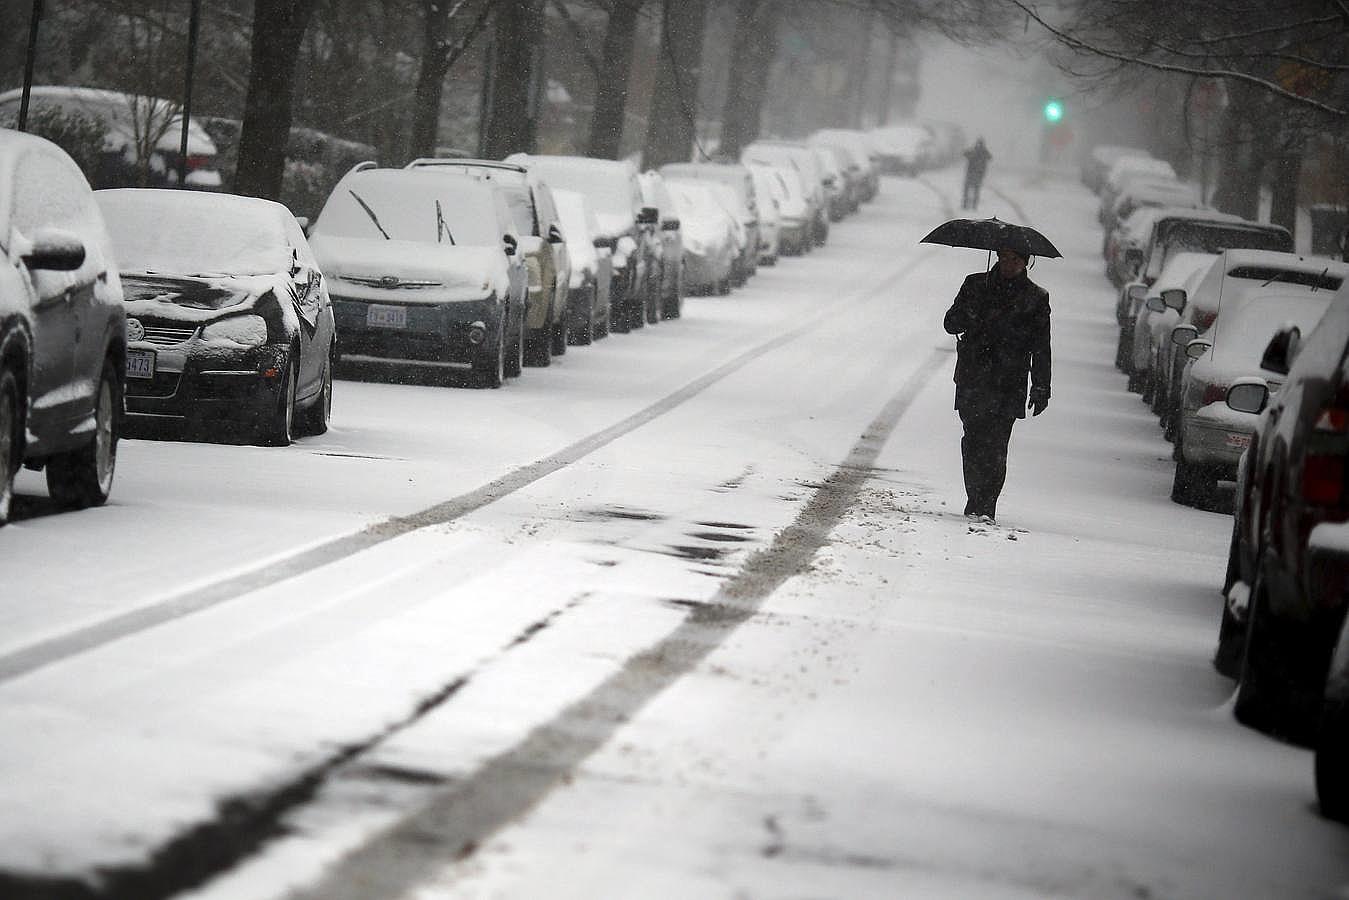 La tormenta ha alterado el ritmo habitual de la vida en Washington